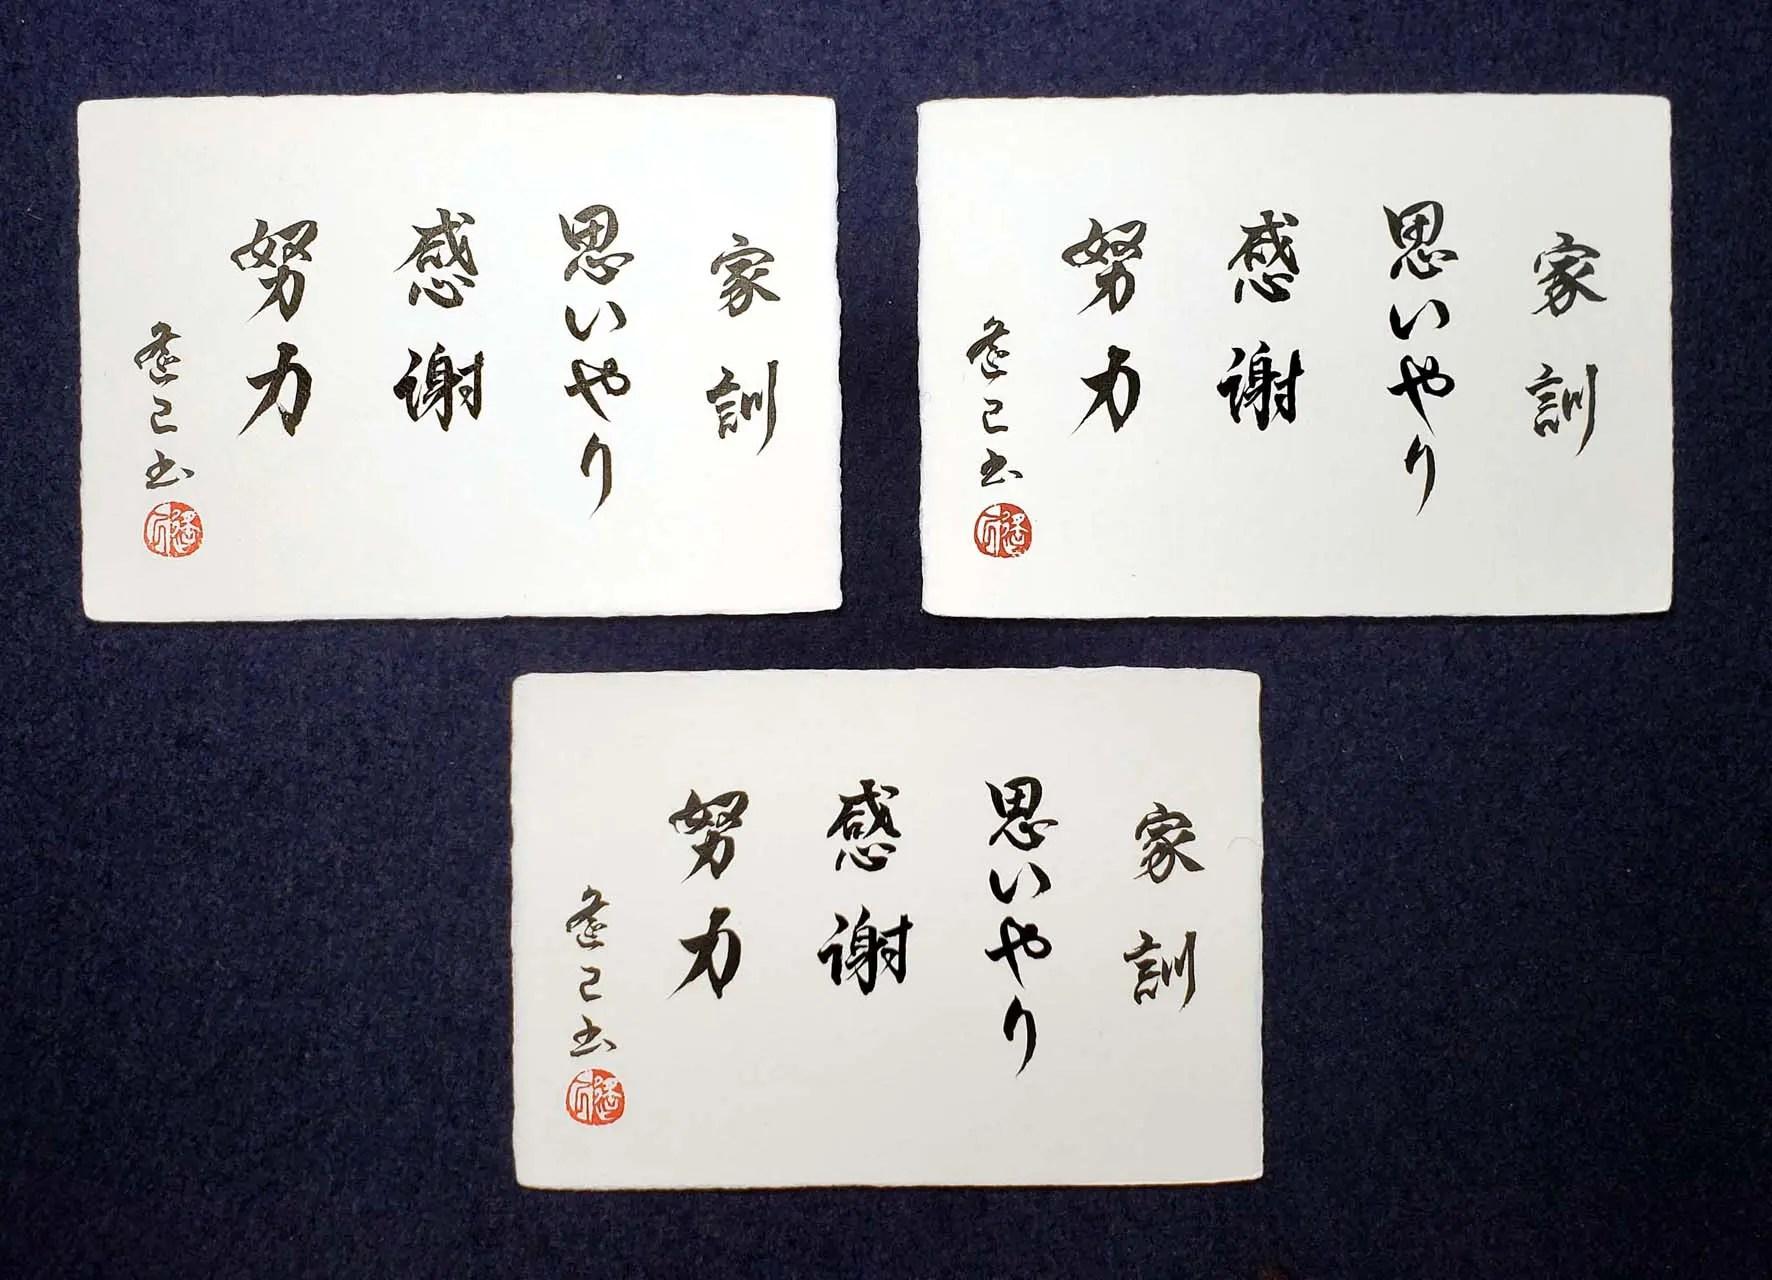 家訓を書かせていただきました【葉書作品】鎌倉市長谷の書道教室